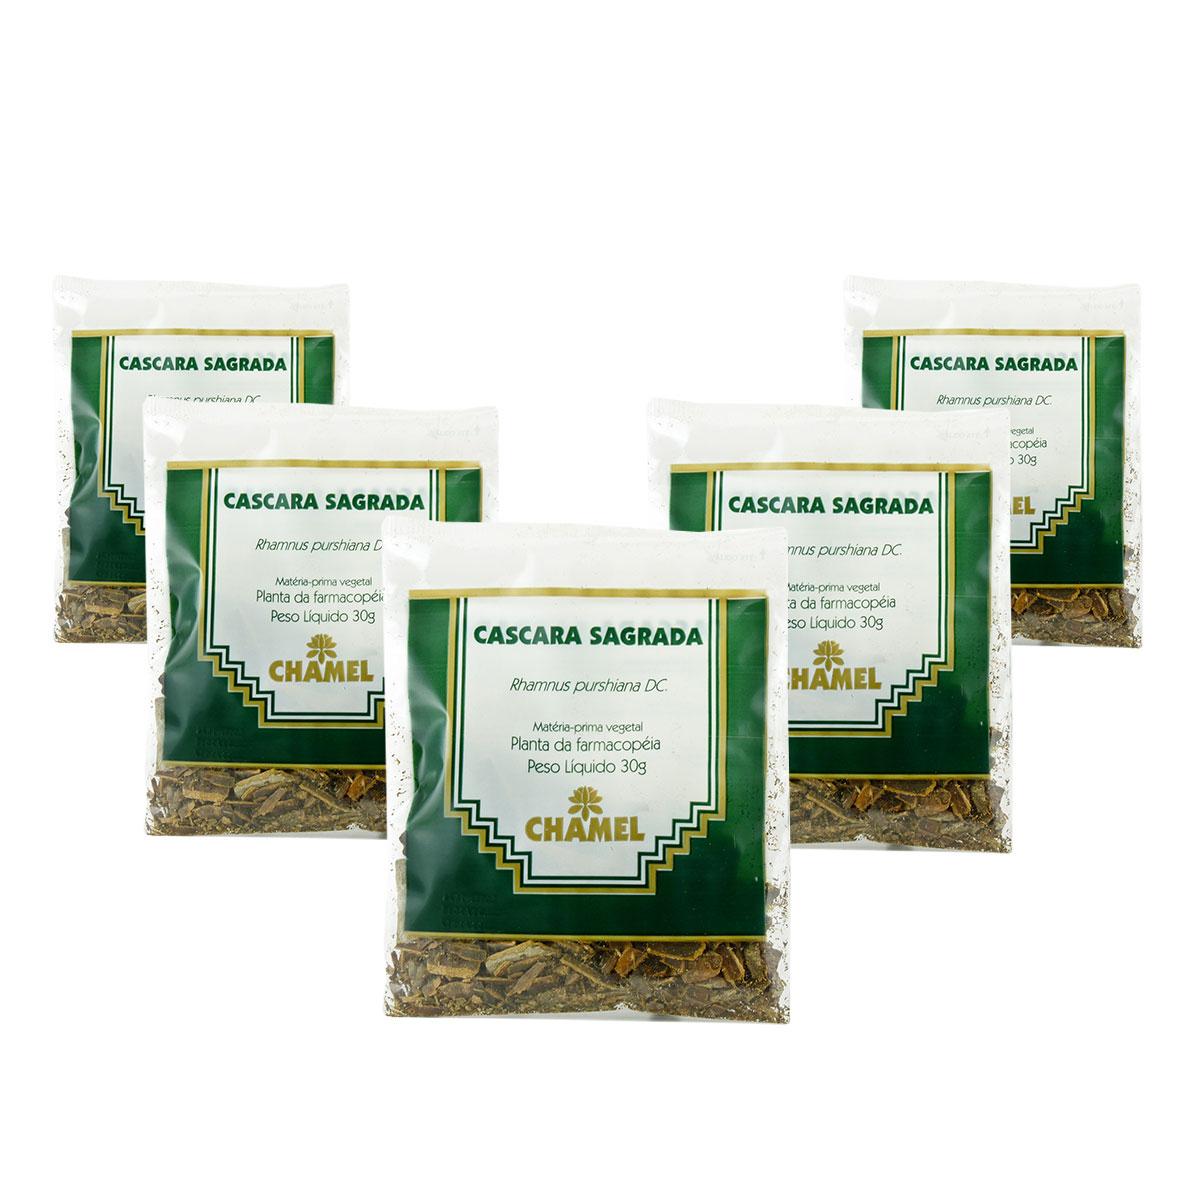 Cáscara Sagrada 30g Chamel com 5 Unidades - Chá-Cascas